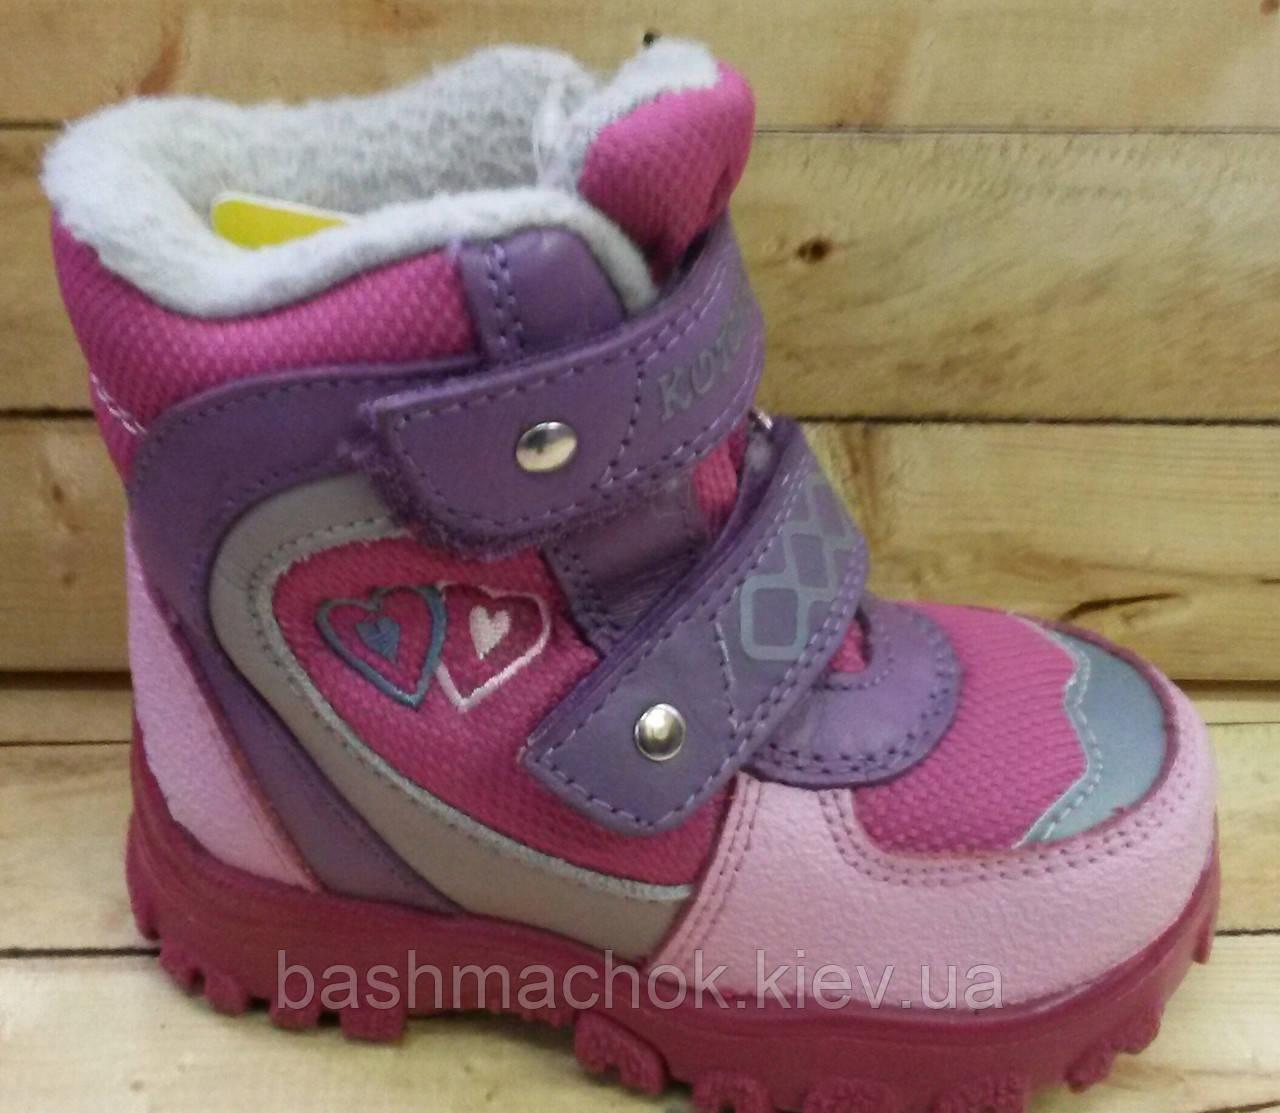 2d288b427 Детские мембранные ботинки Котофей размеры 22,24,26 - Интернет-магазин  детской обуви